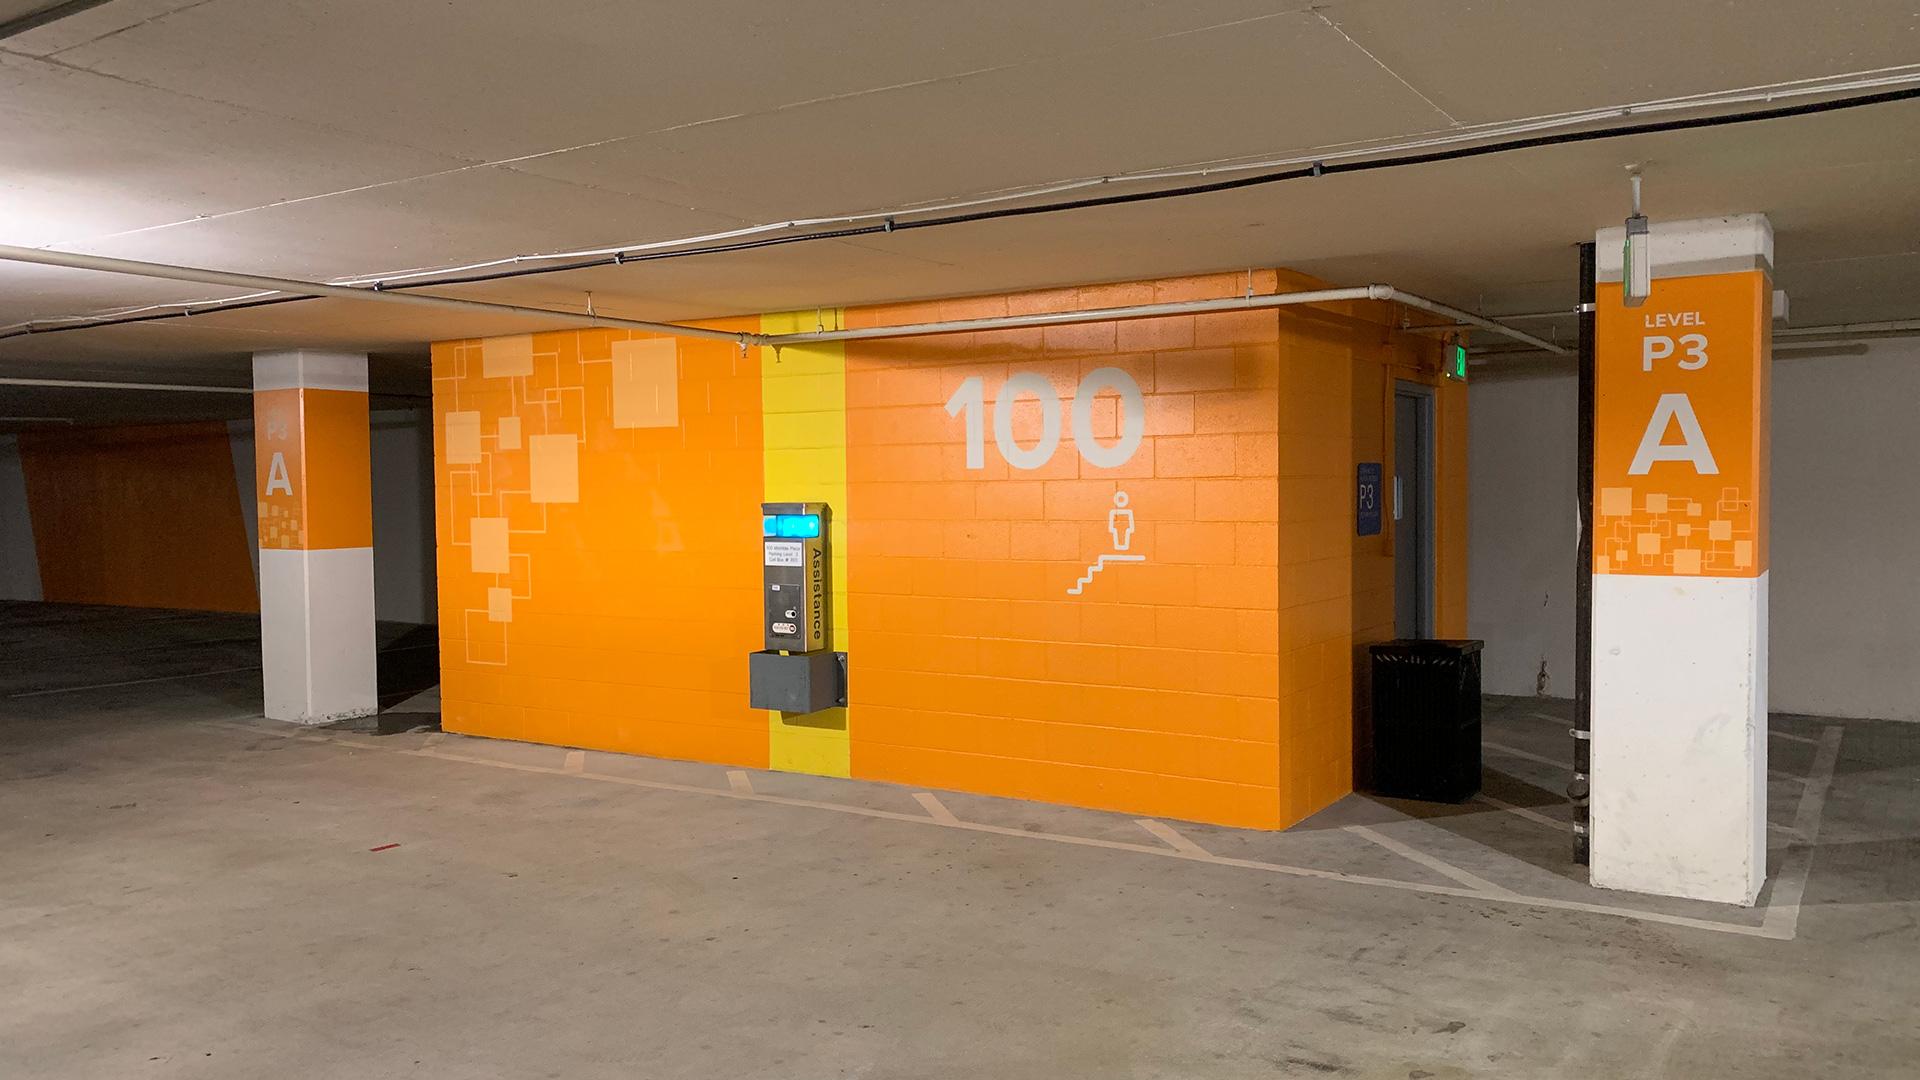 SCC_Parking_Level3_Bldg100_Stairwell